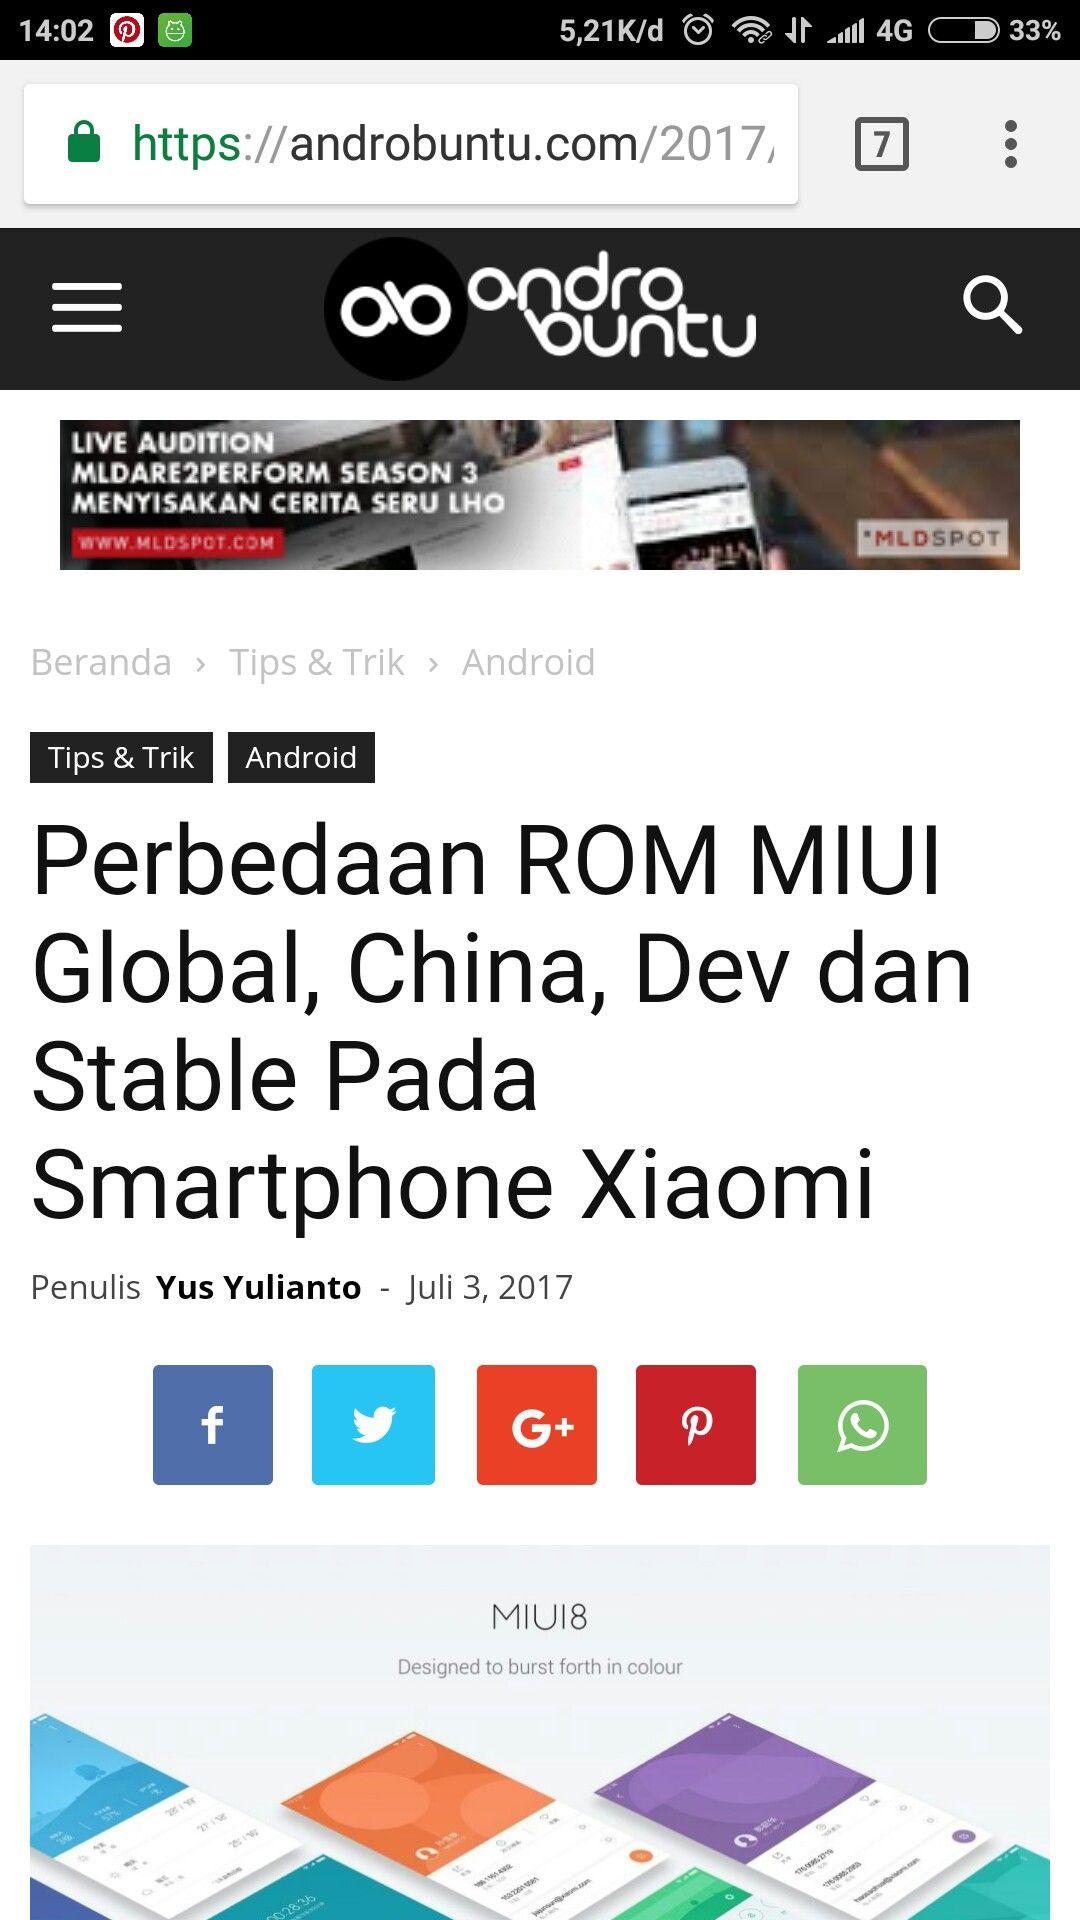 Perbedaan Antara Rom Miui Yang Sering Ada Di Pasaran Baca Selengkapnya Di Androbuntu Com Tips Android